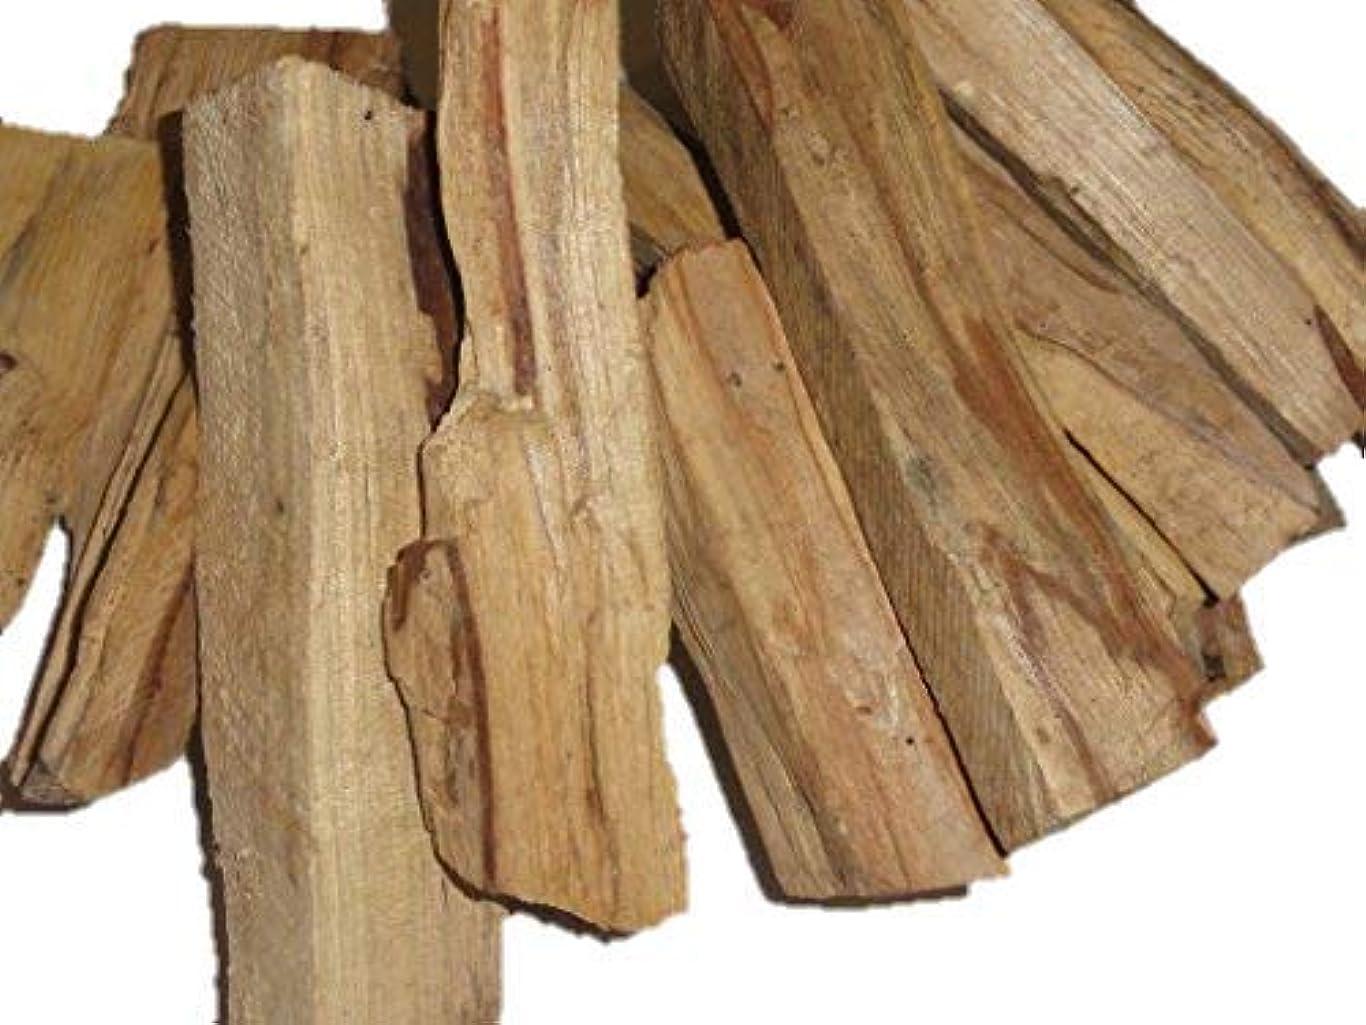 クラス交換可能デュアルsterlingclad Palo Santo 2ポンドバルクパッケージ、最もプレミアム倫理的harvestedペルーHoly木製。 2 pounds ブラウン